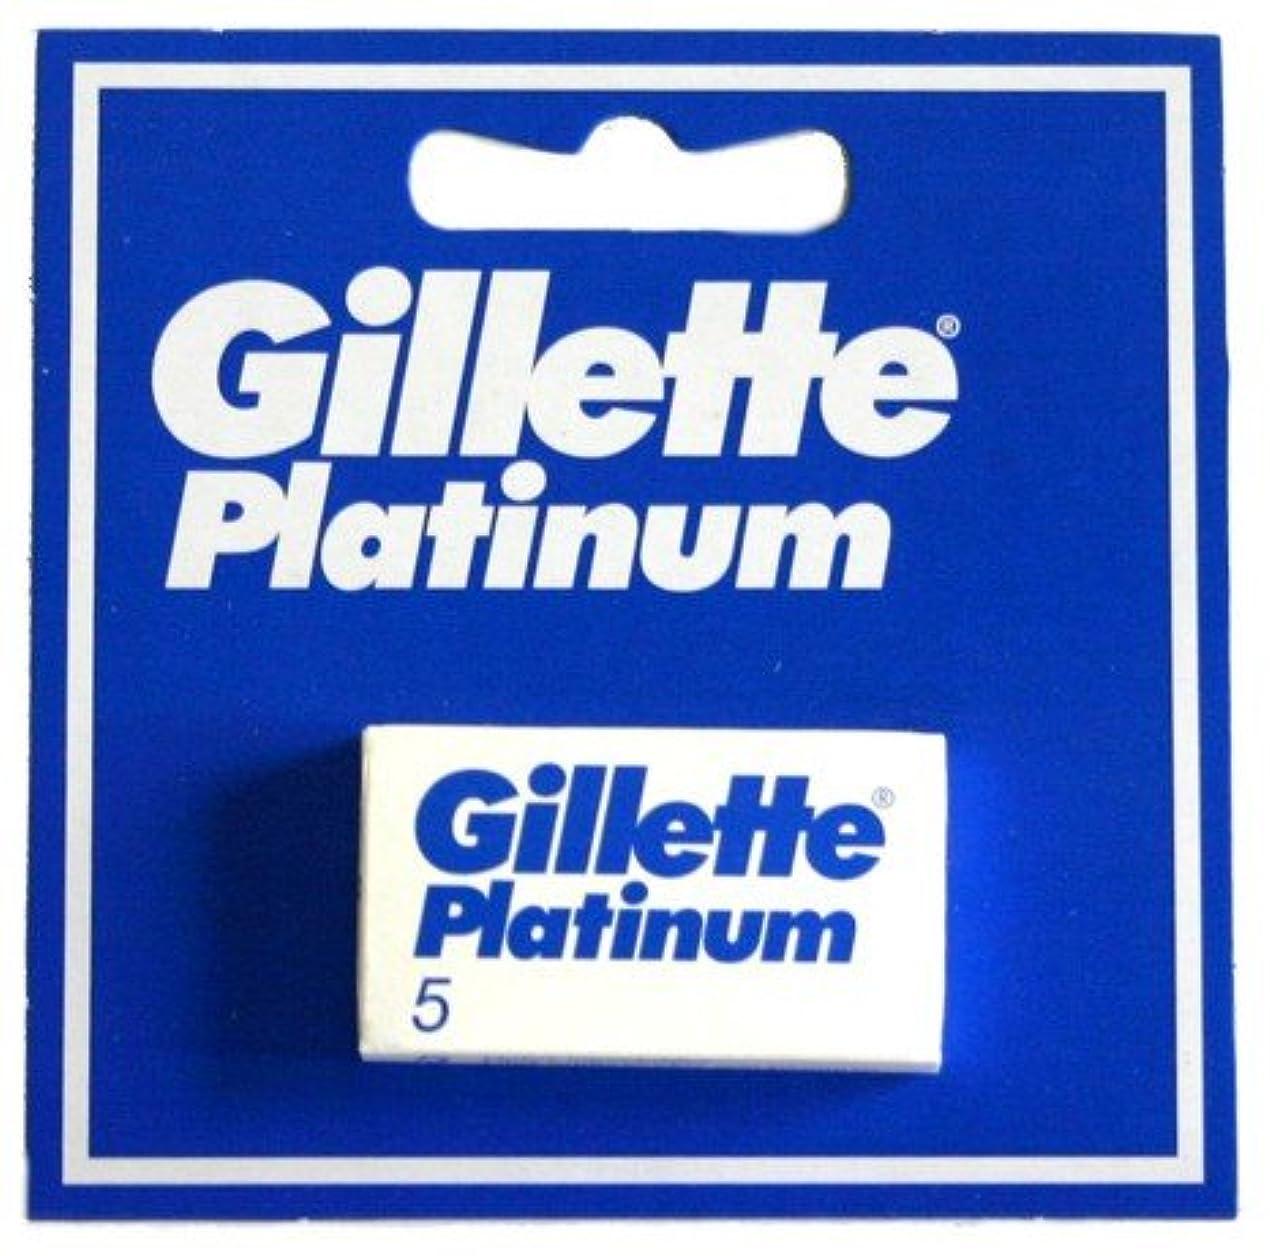 補助金レスリング大臣Gillette Platinum [プレミアムホワイトボックス版!] ジレット プラチナ 両刃替刃 50個入り (5*10) [海外直送品] [並行輸入品]